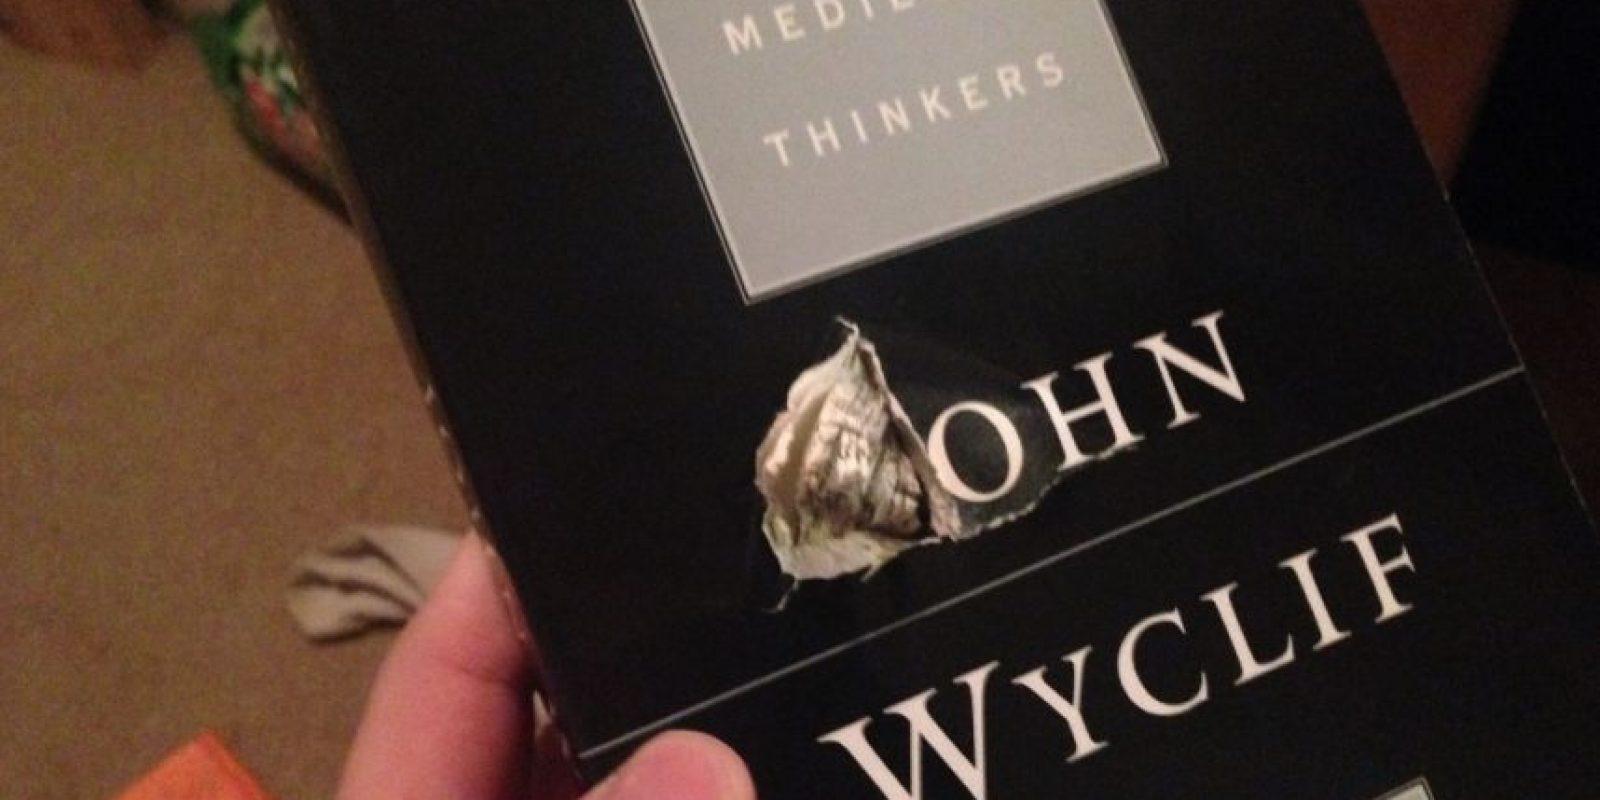 Esta es el libro que salvó la vida de Jason. Foto:Tomada de Facebook / Jason Derfuss